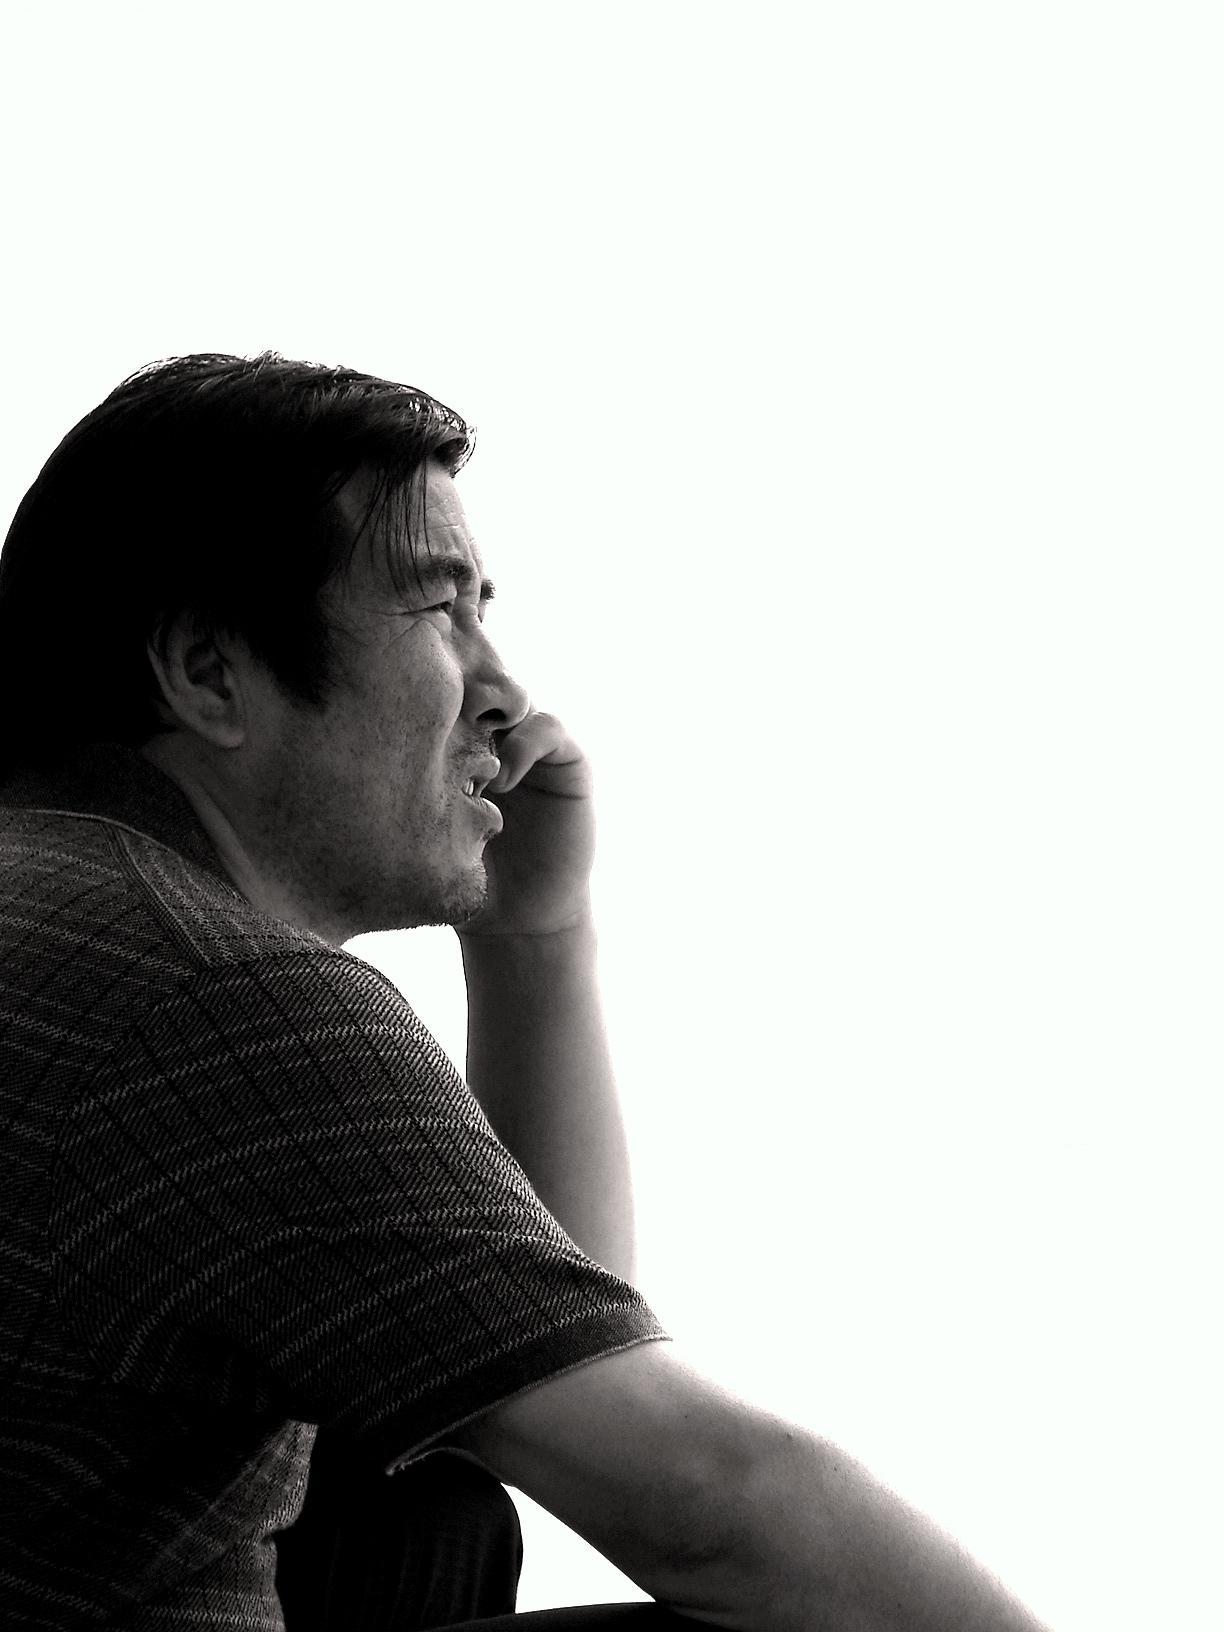 【黑白~人物】-尼康 s8-数码摄影论坛-zol中关村在线